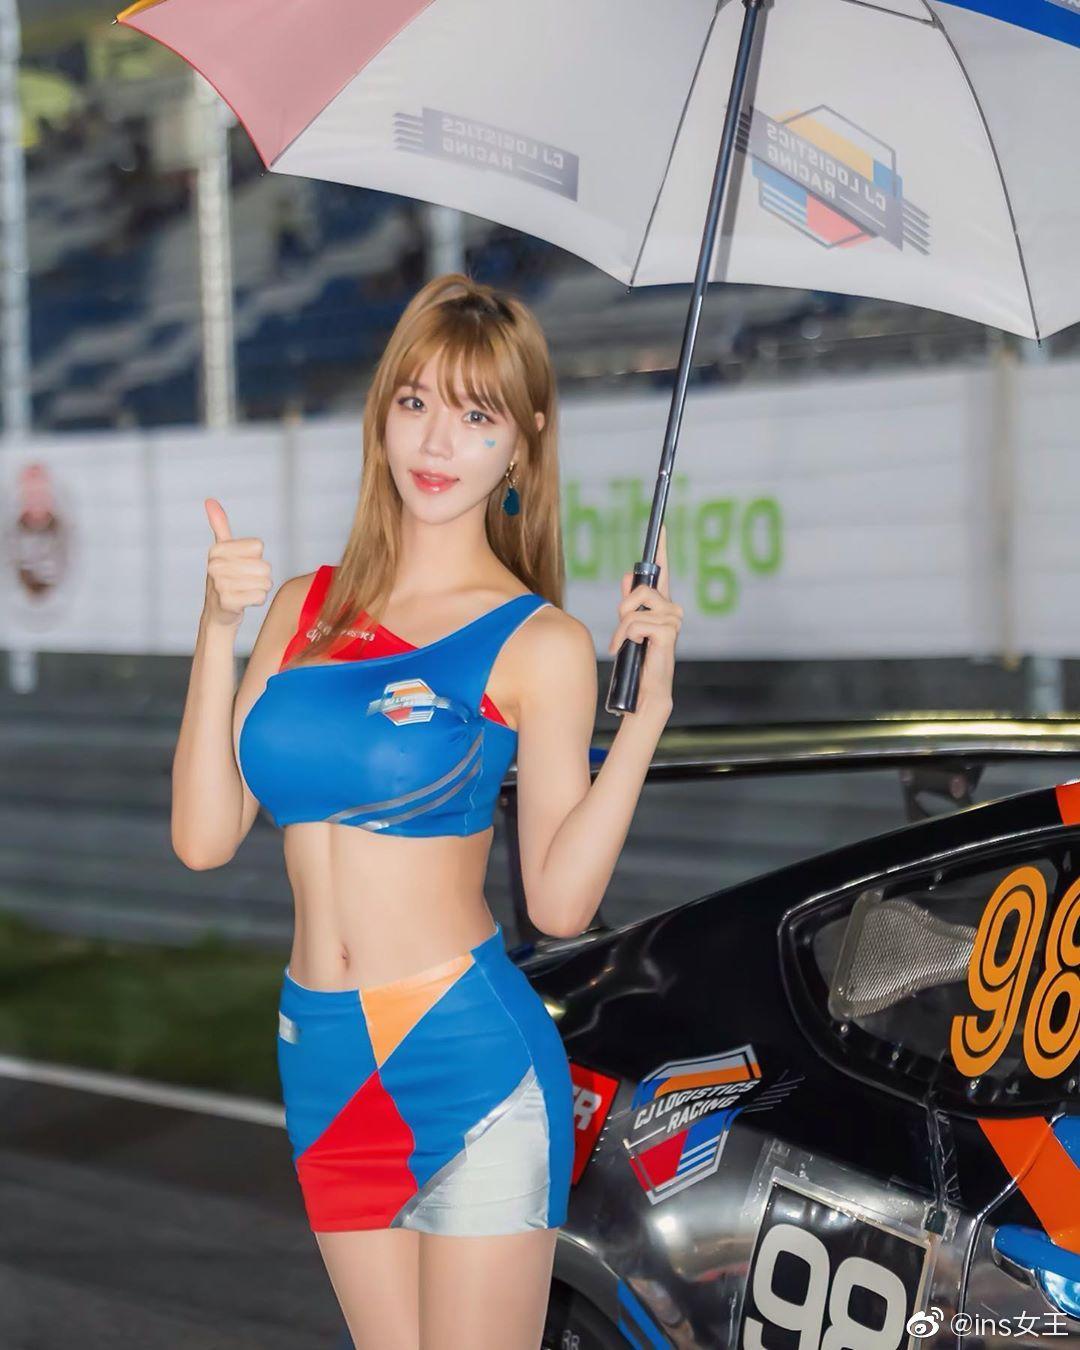 极品韩国大胸美女车模 低胸爆乳形成了那道迷人的沟壑5